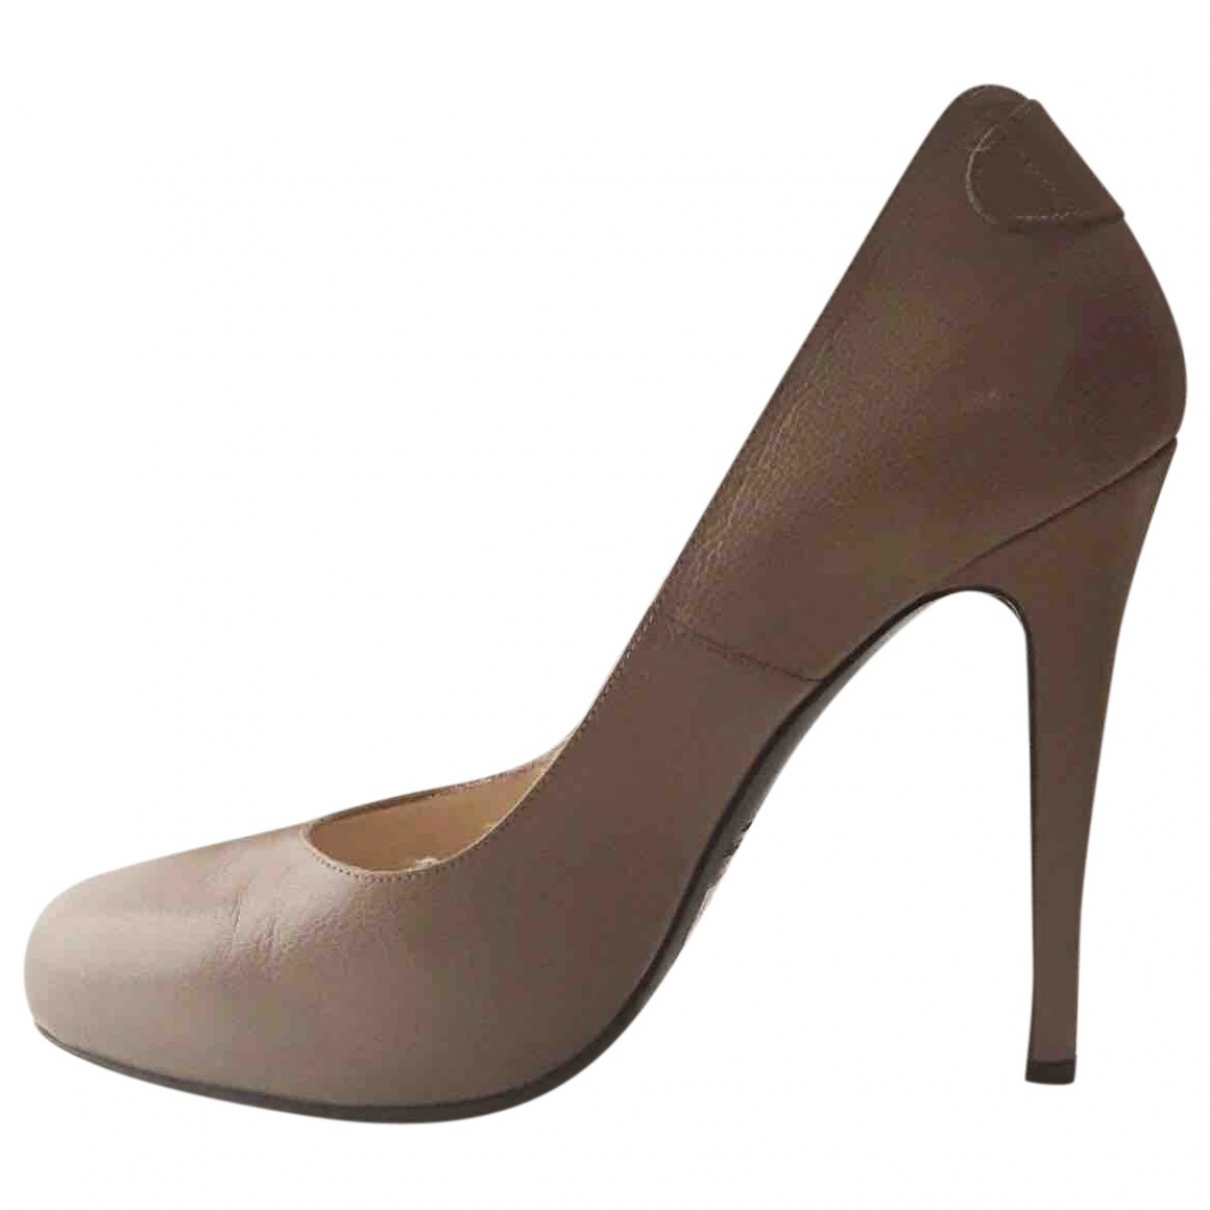 Patrizia Pepe \N Beige Leather Heels for Women 38 EU